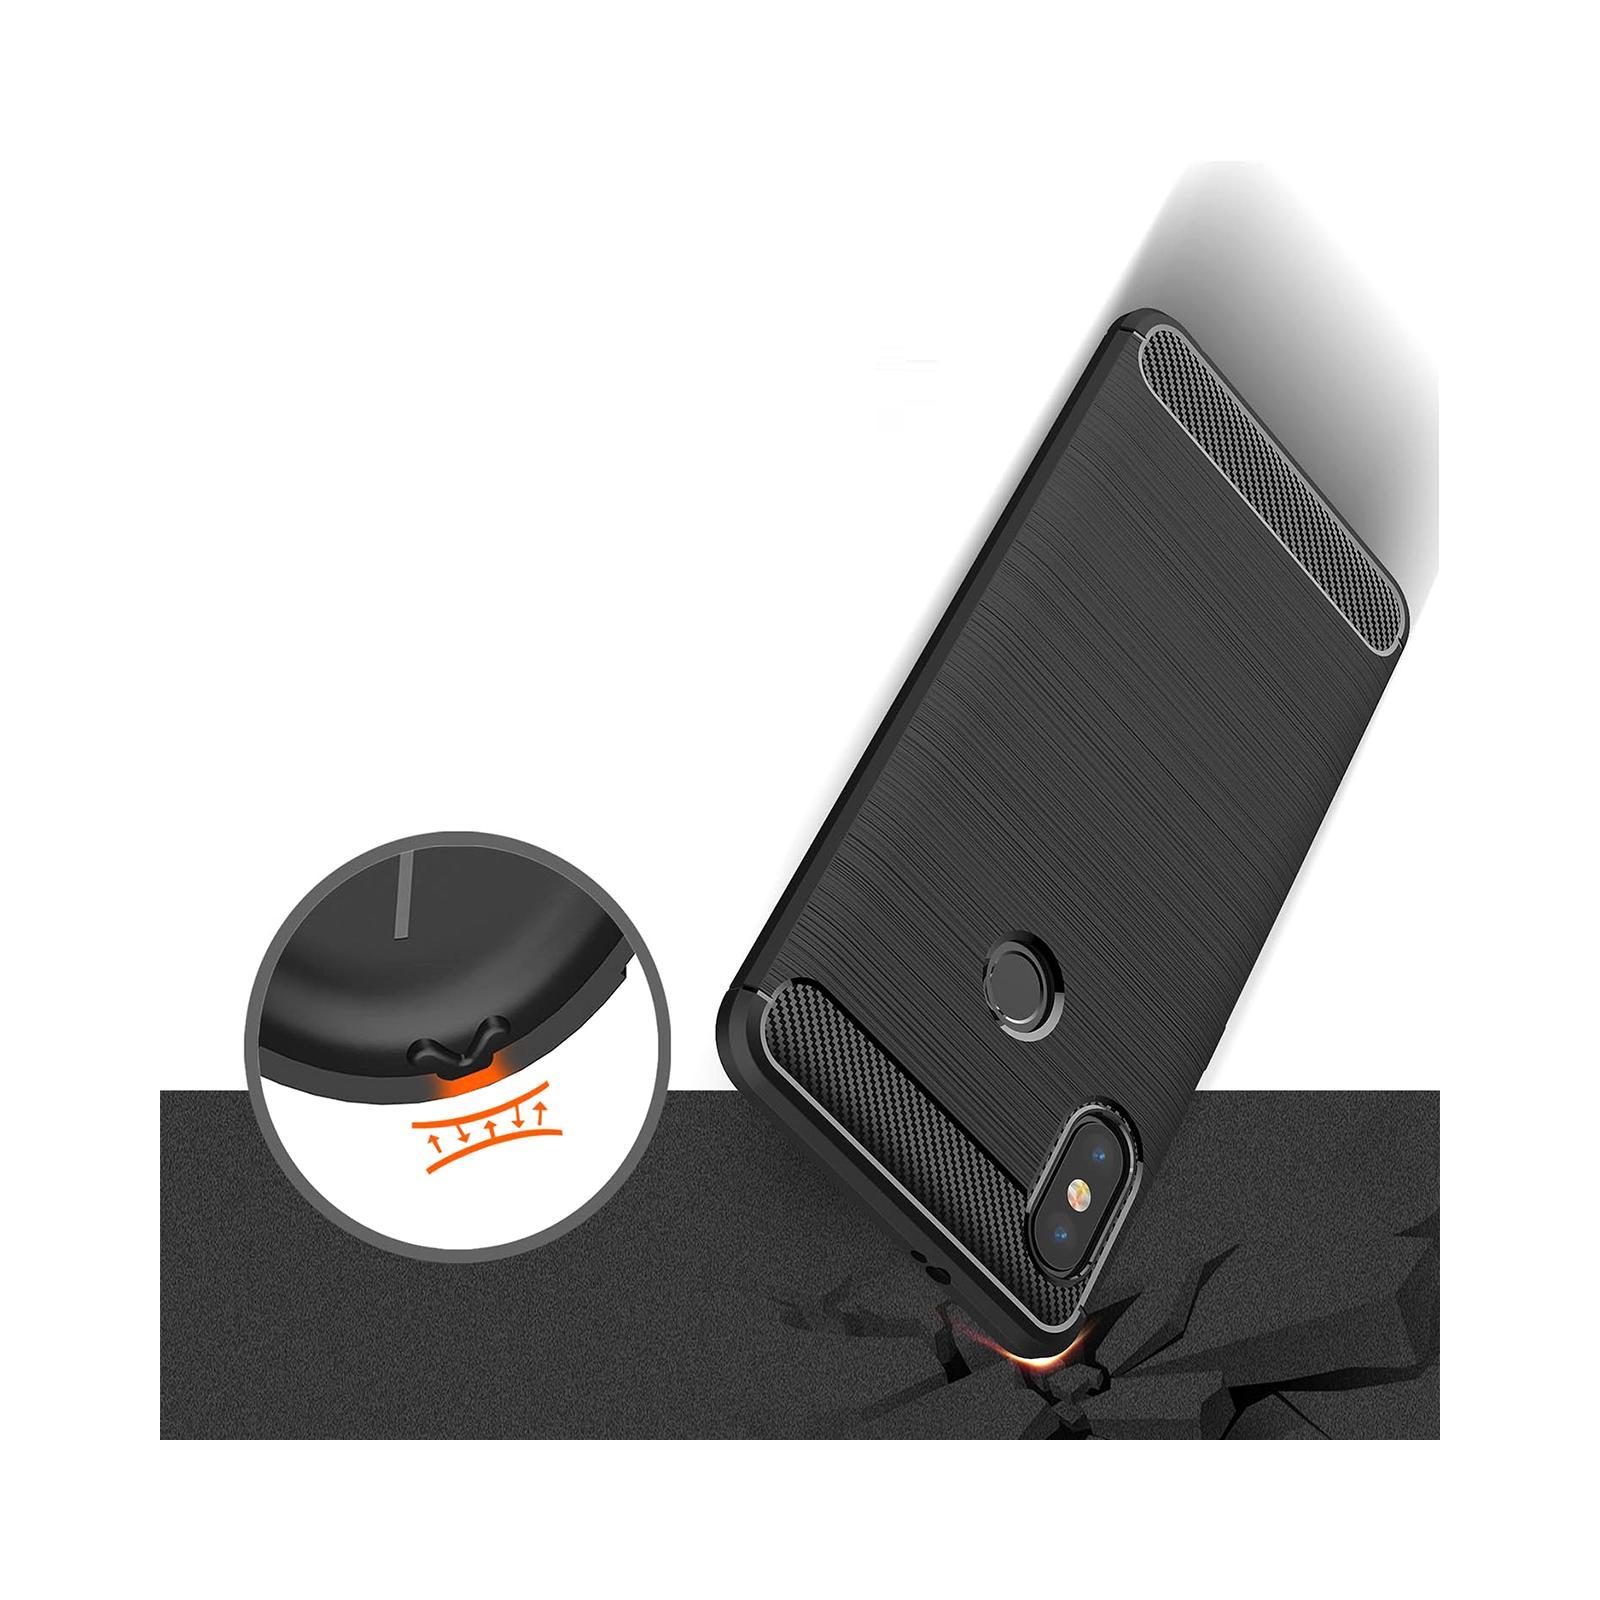 Чехол для моб. телефона Laudtec для XiaomiRedmi Note 5 Pro Carbon Fiber (Black) (LT-RN5PB) изображение 8